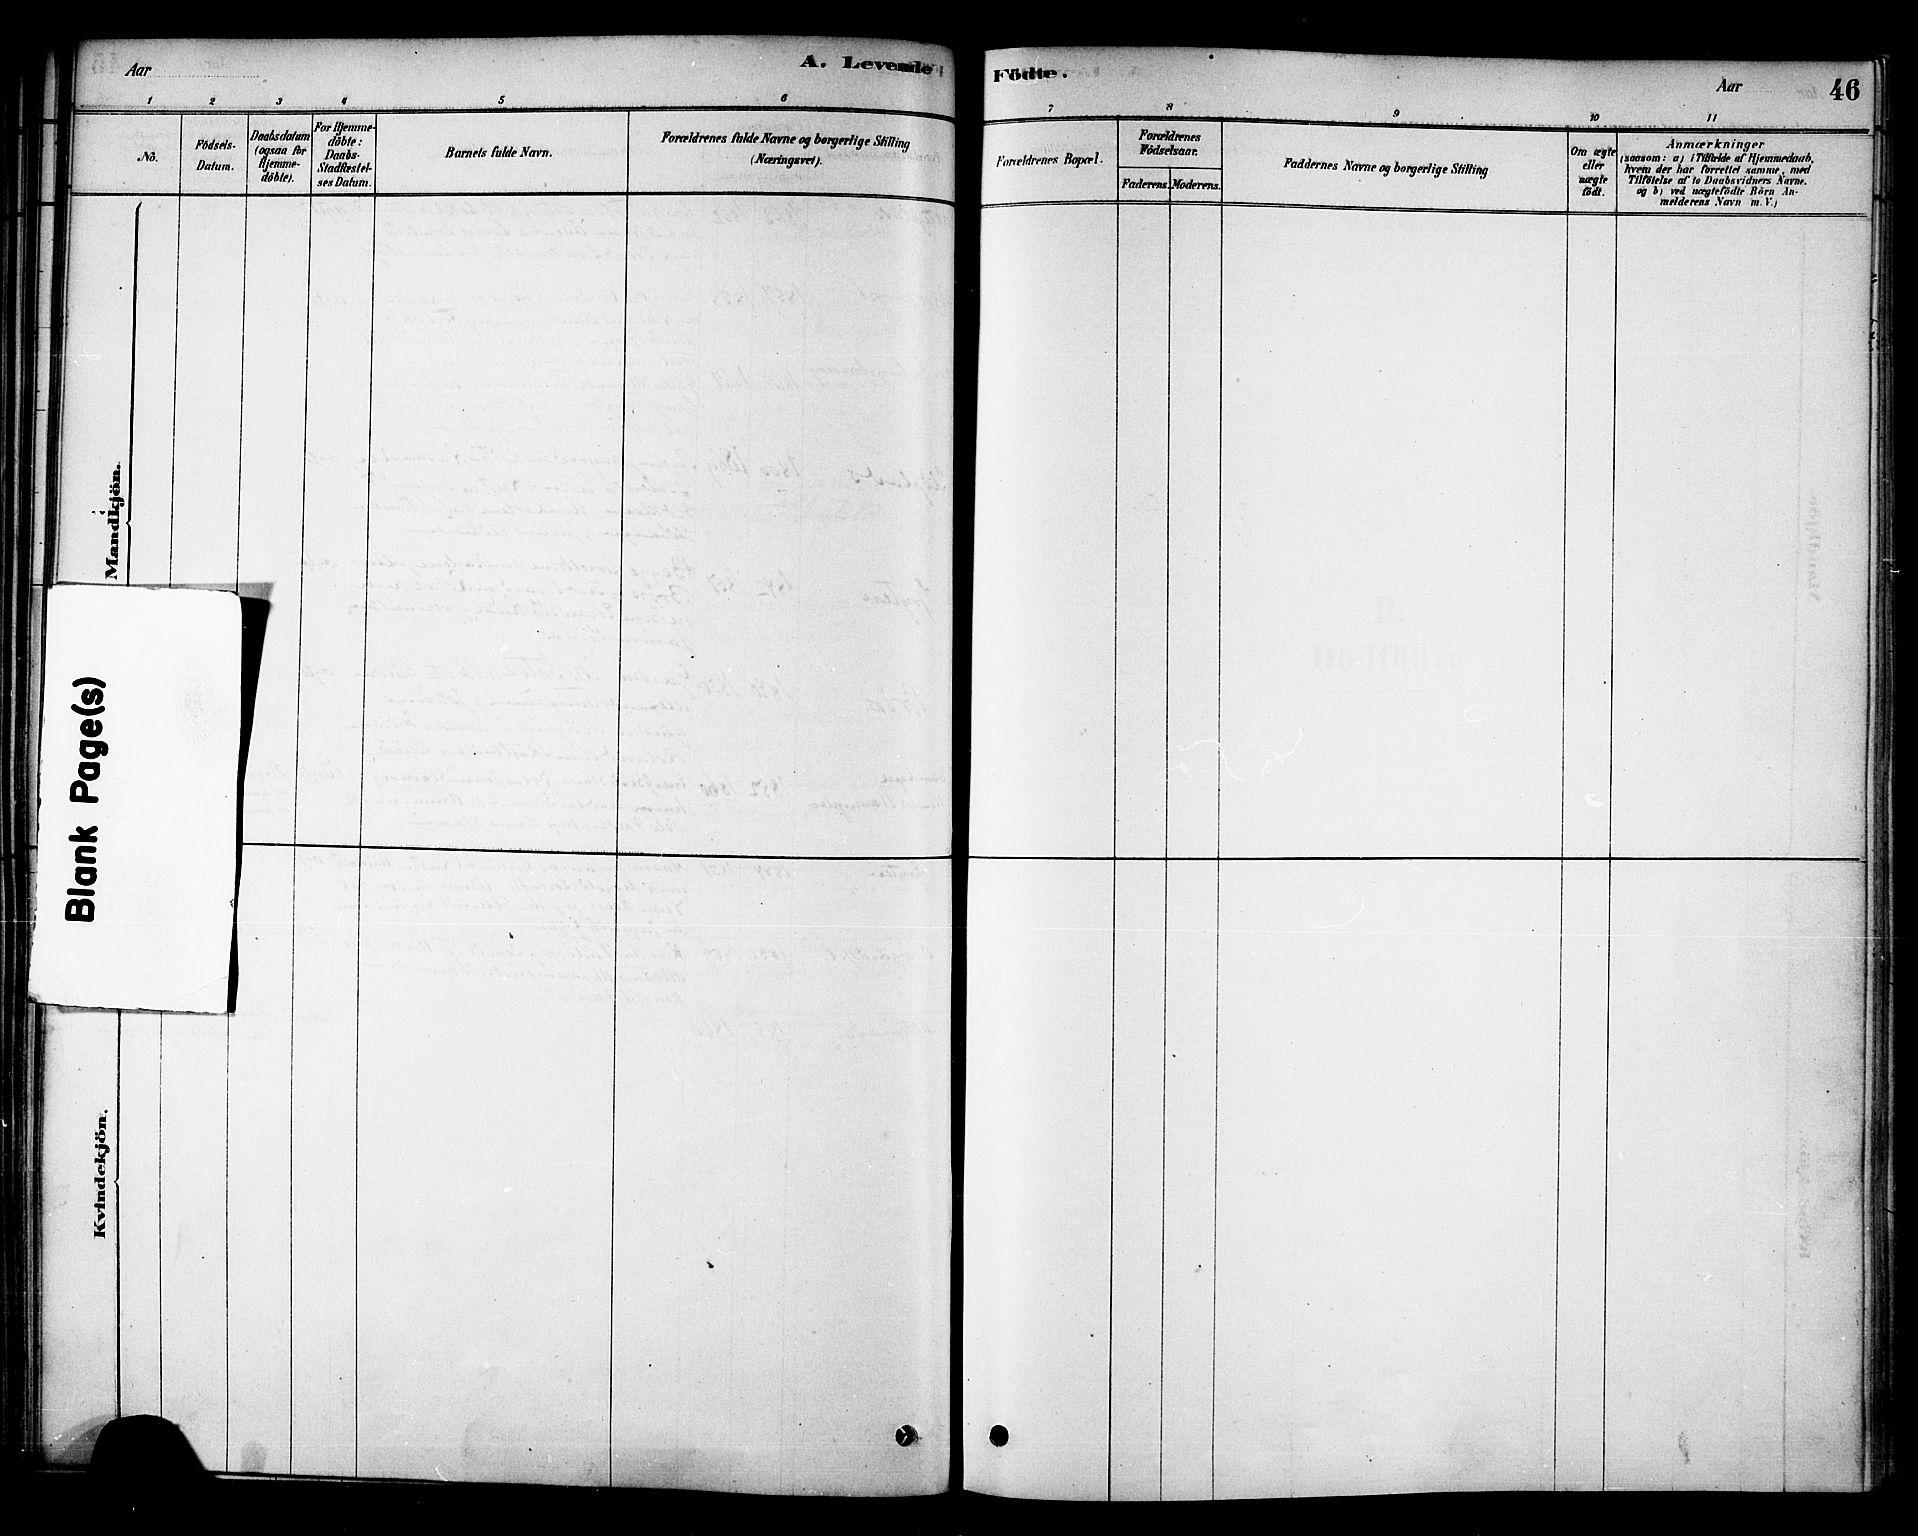 SAT, Ministerialprotokoller, klokkerbøker og fødselsregistre - Nord-Trøndelag, 742/L0408: Ministerialbok nr. 742A01, 1878-1890, s. 46